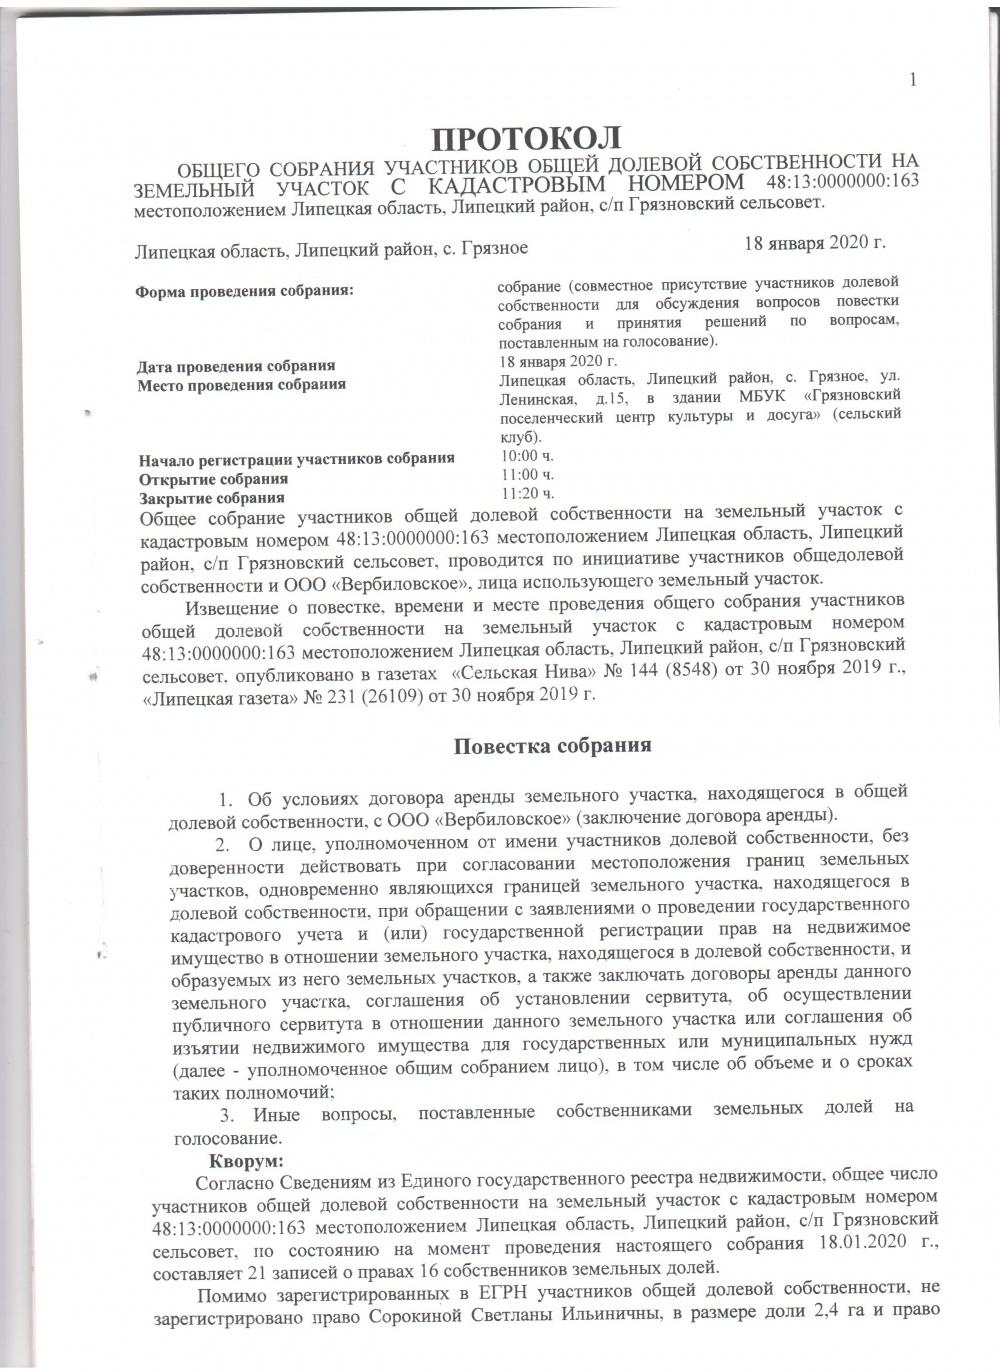 Протокол общего собрания участников общей долевой собственности на земельный участок